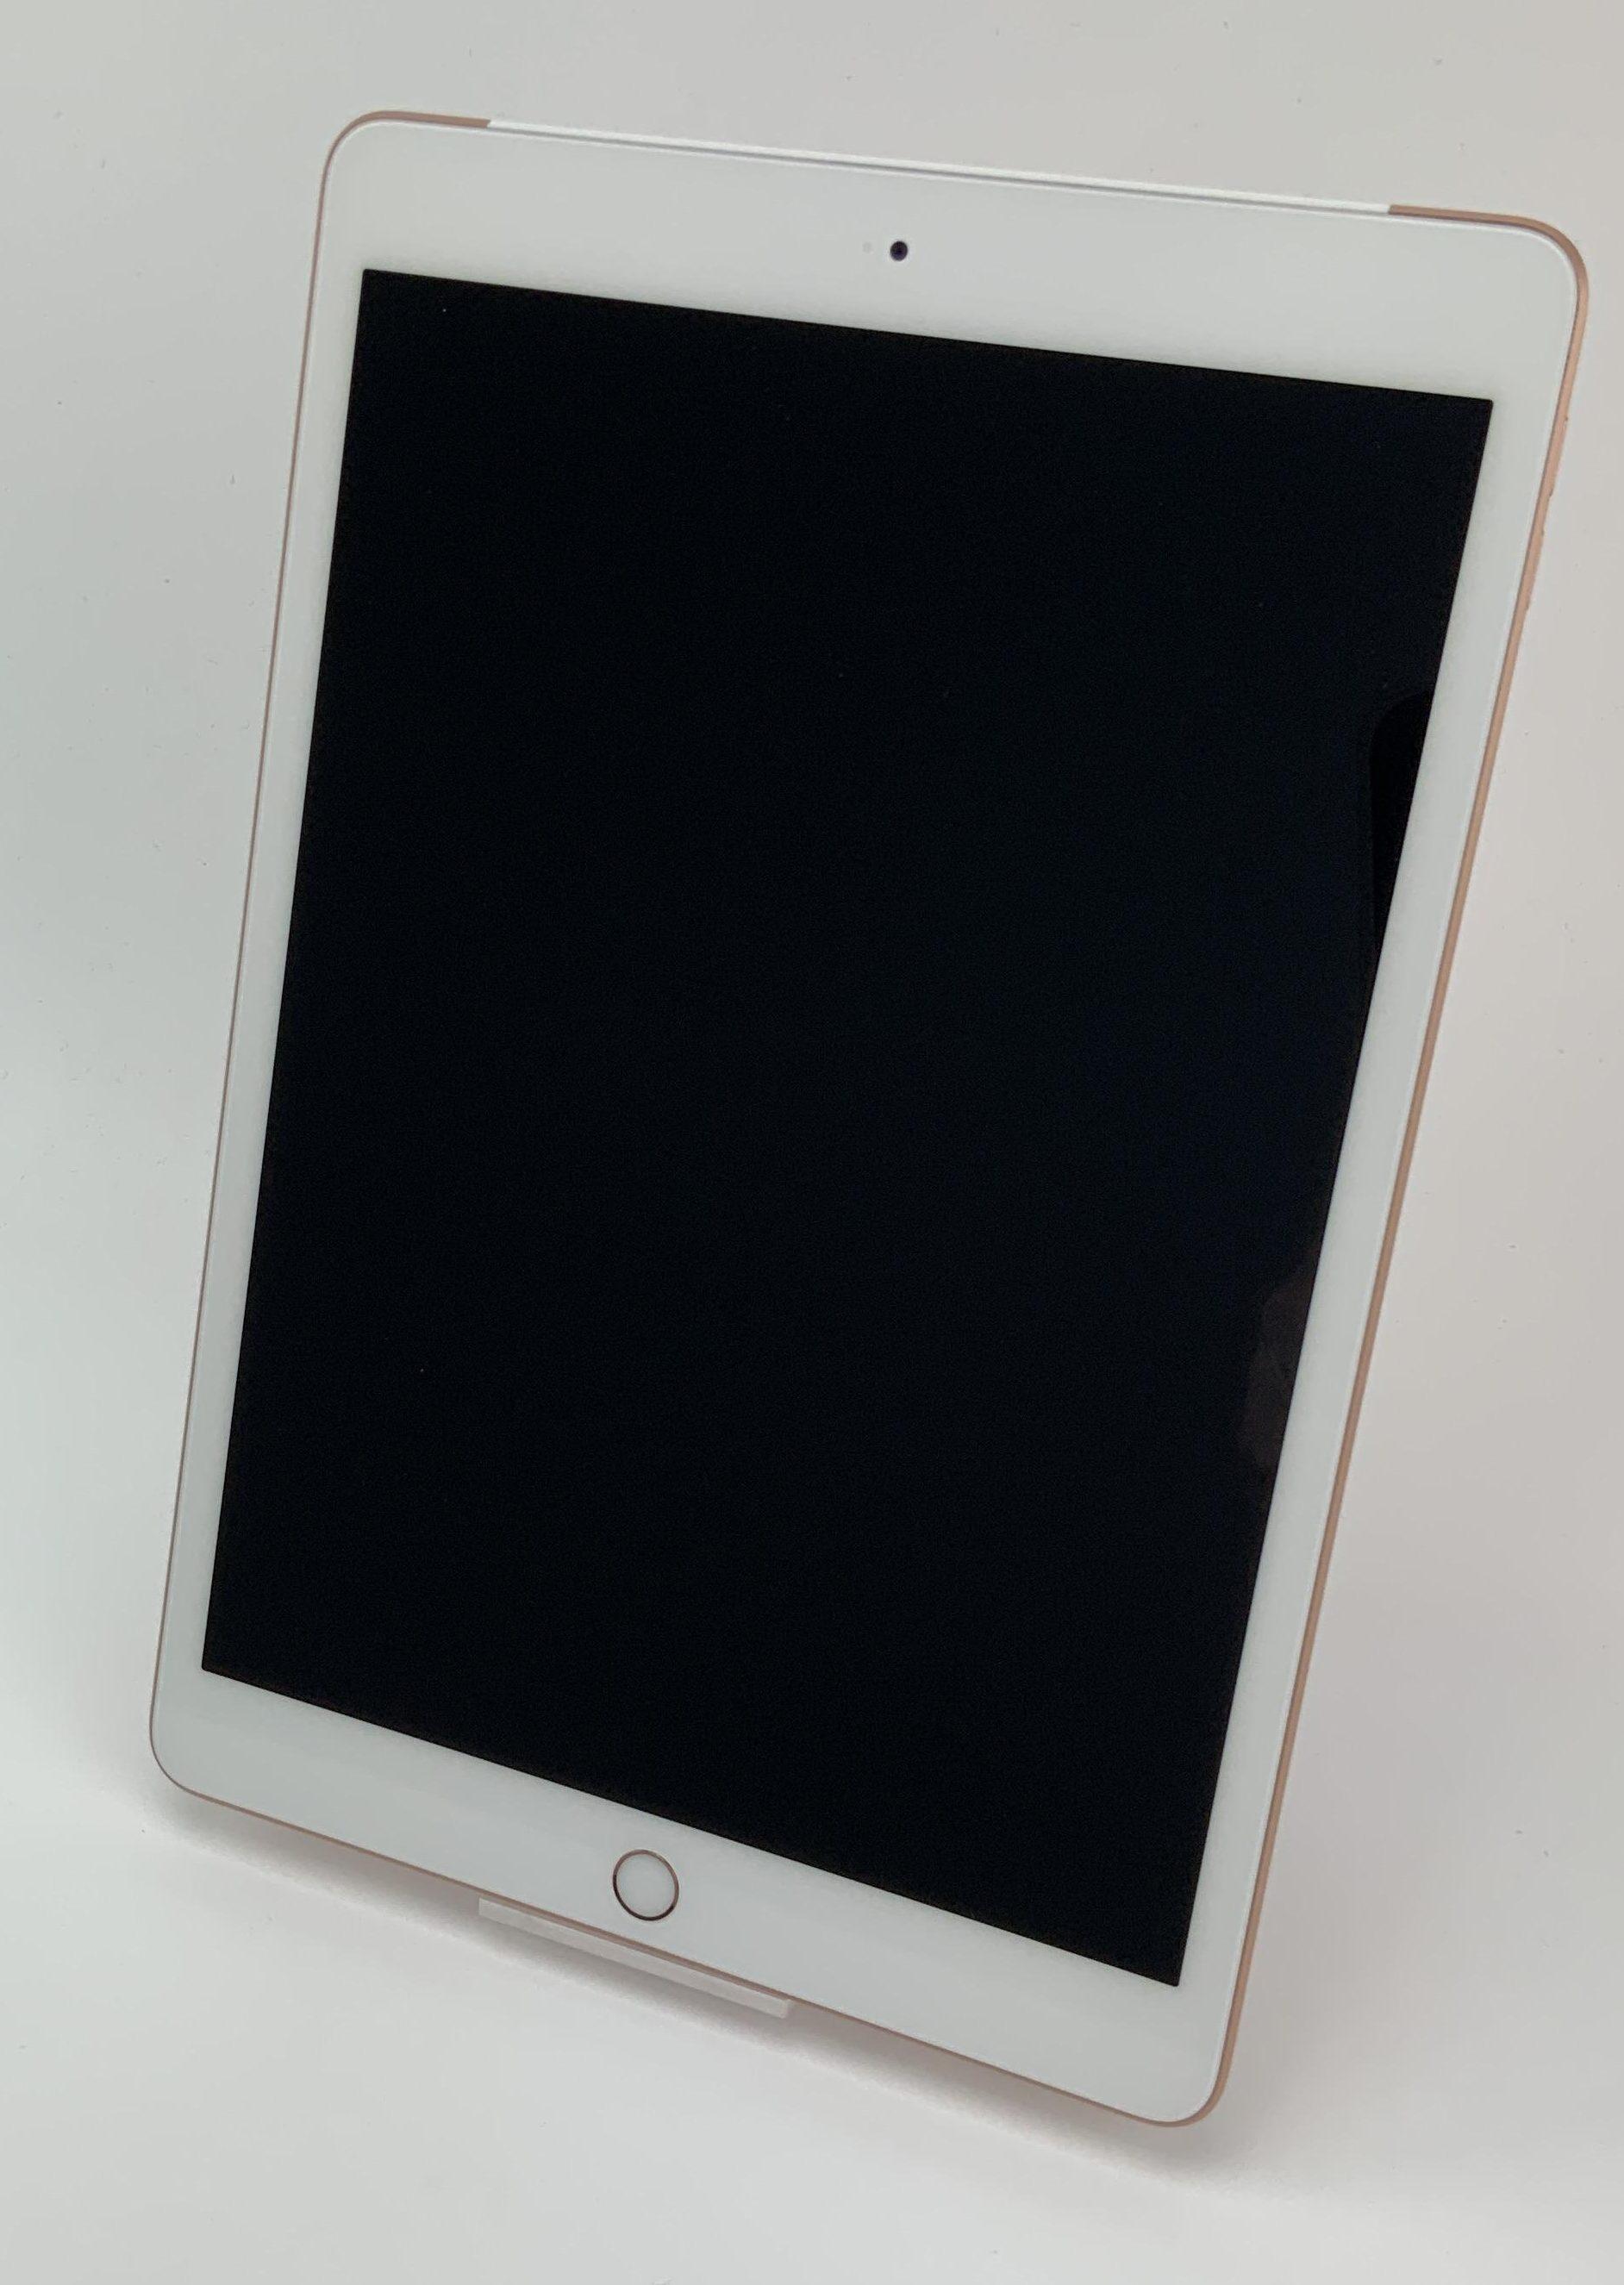 iPad 7 Wi-Fi + Cellular 32GB, 32GB, Gold, image 1